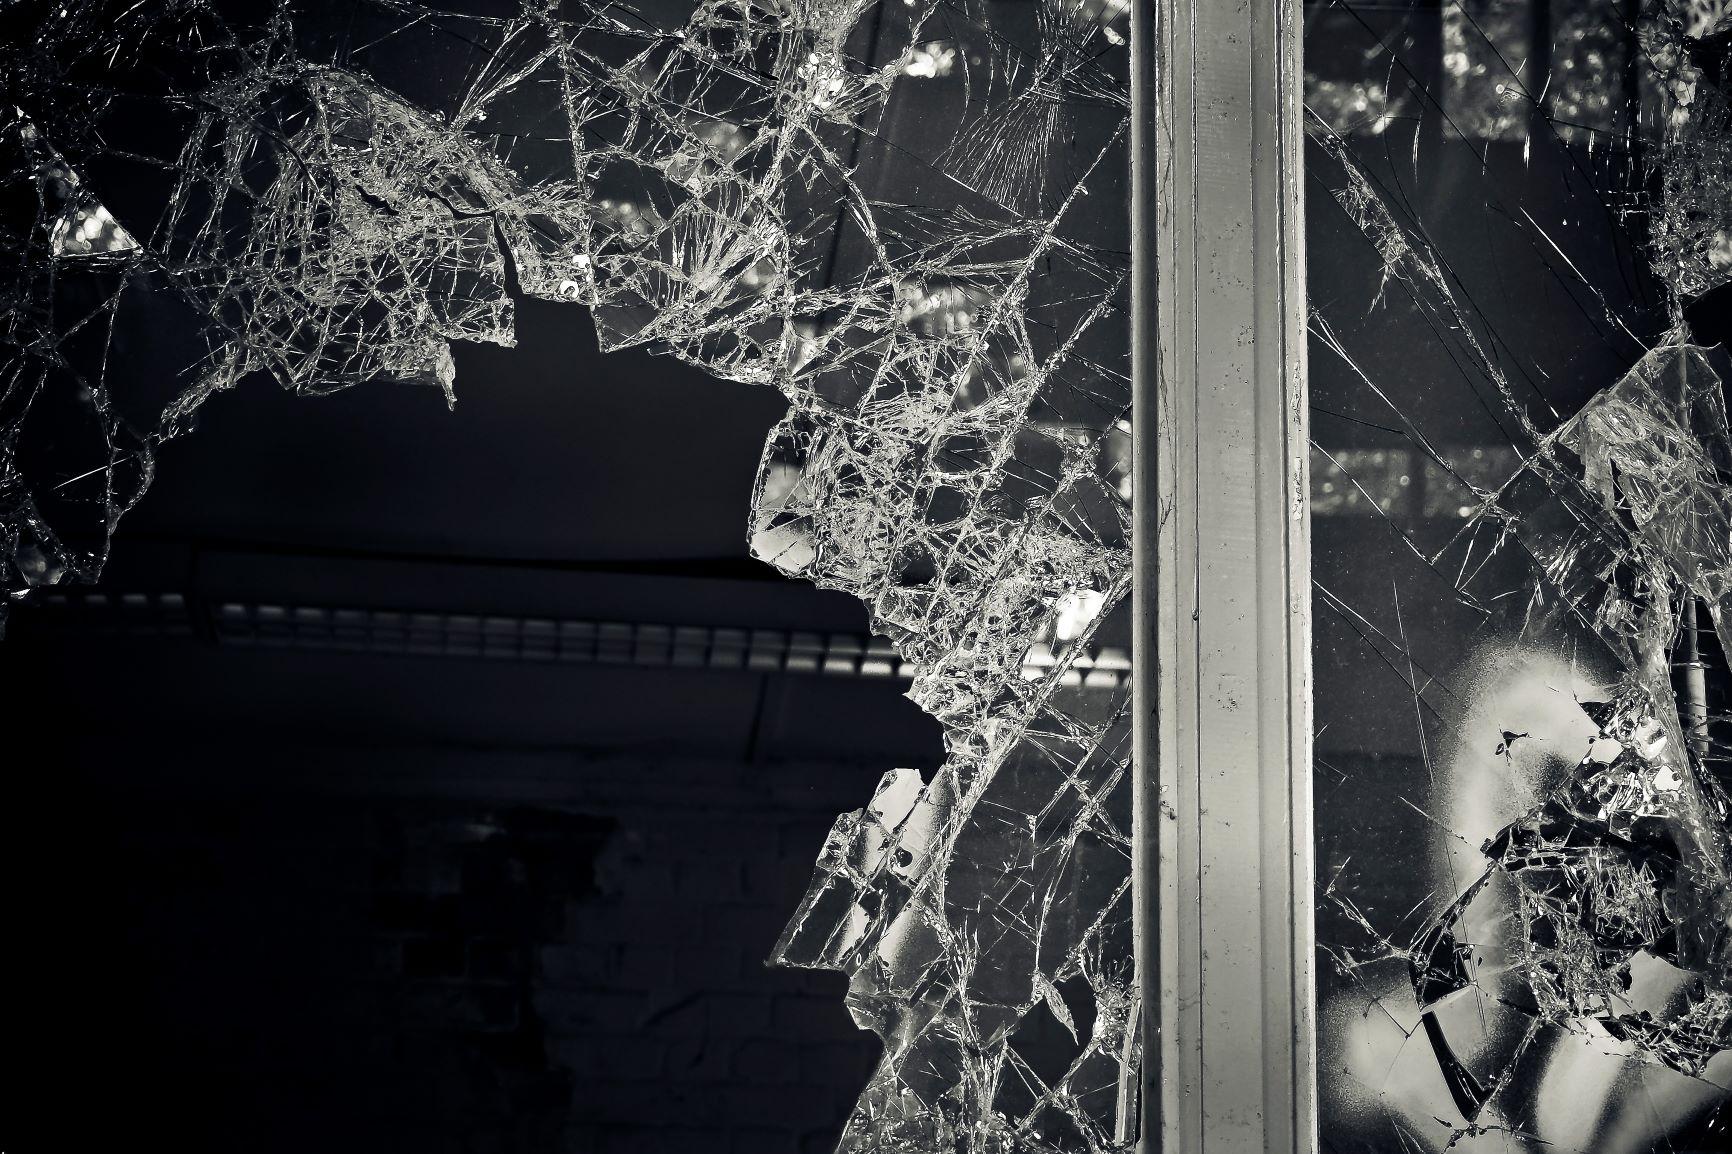 broken-glass-riot